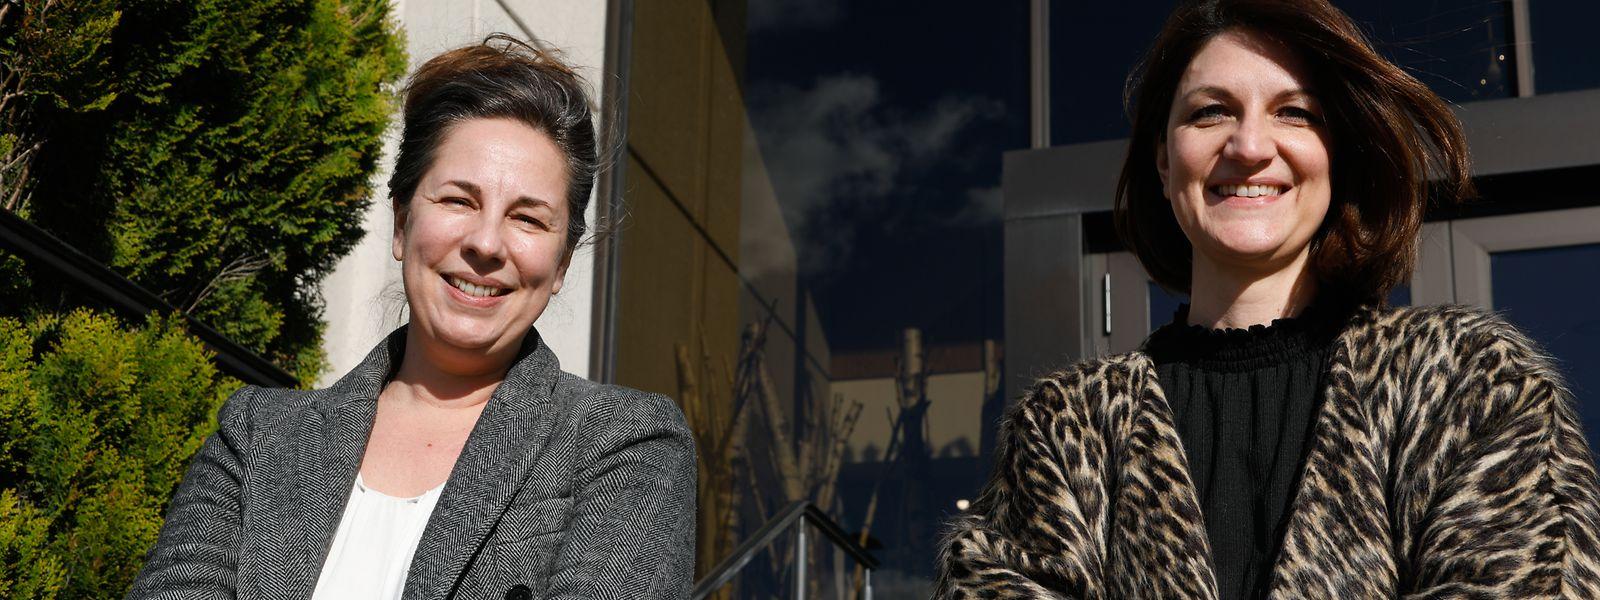 """Engagiert, um eines der zentralen Projekte des Kulturentwicklungsplans ins Laufen zu bringen: Valérie Quilez (l.) und Diane Tobes teilen sich die Geschäftsführung des """"Arts Councils"""", Kultur:LX."""